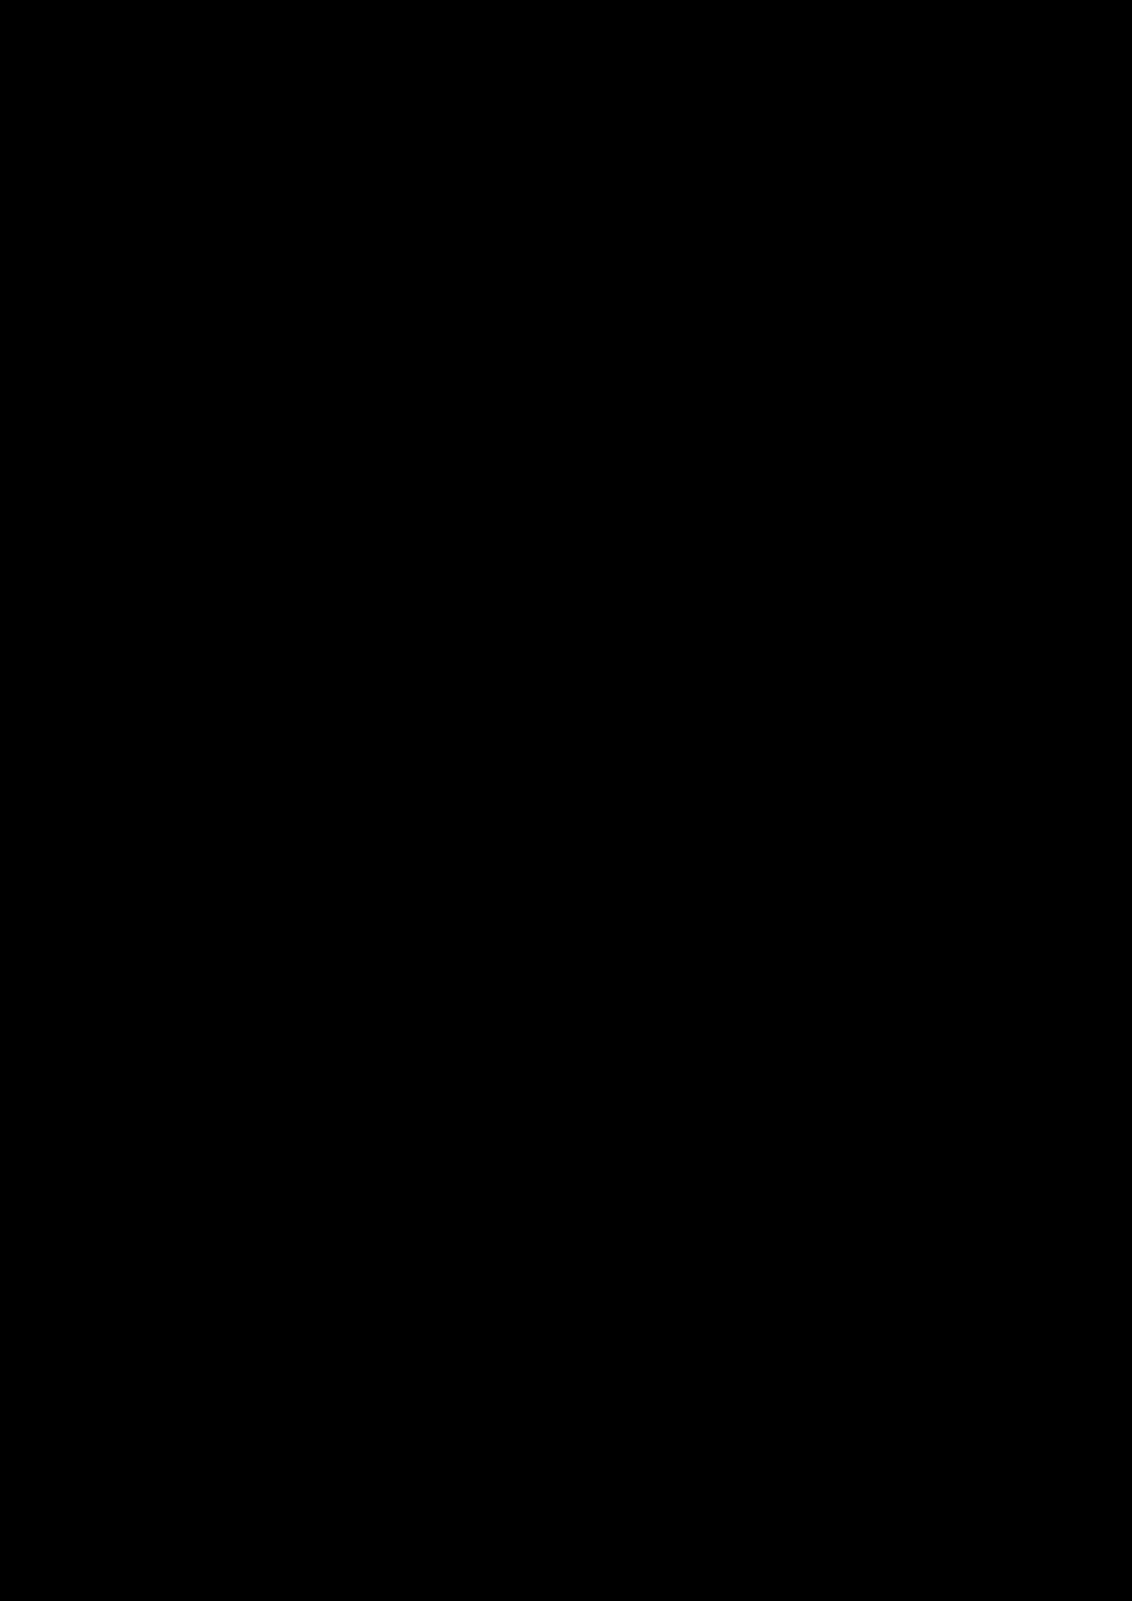 Vyibor Est slide, Image 53